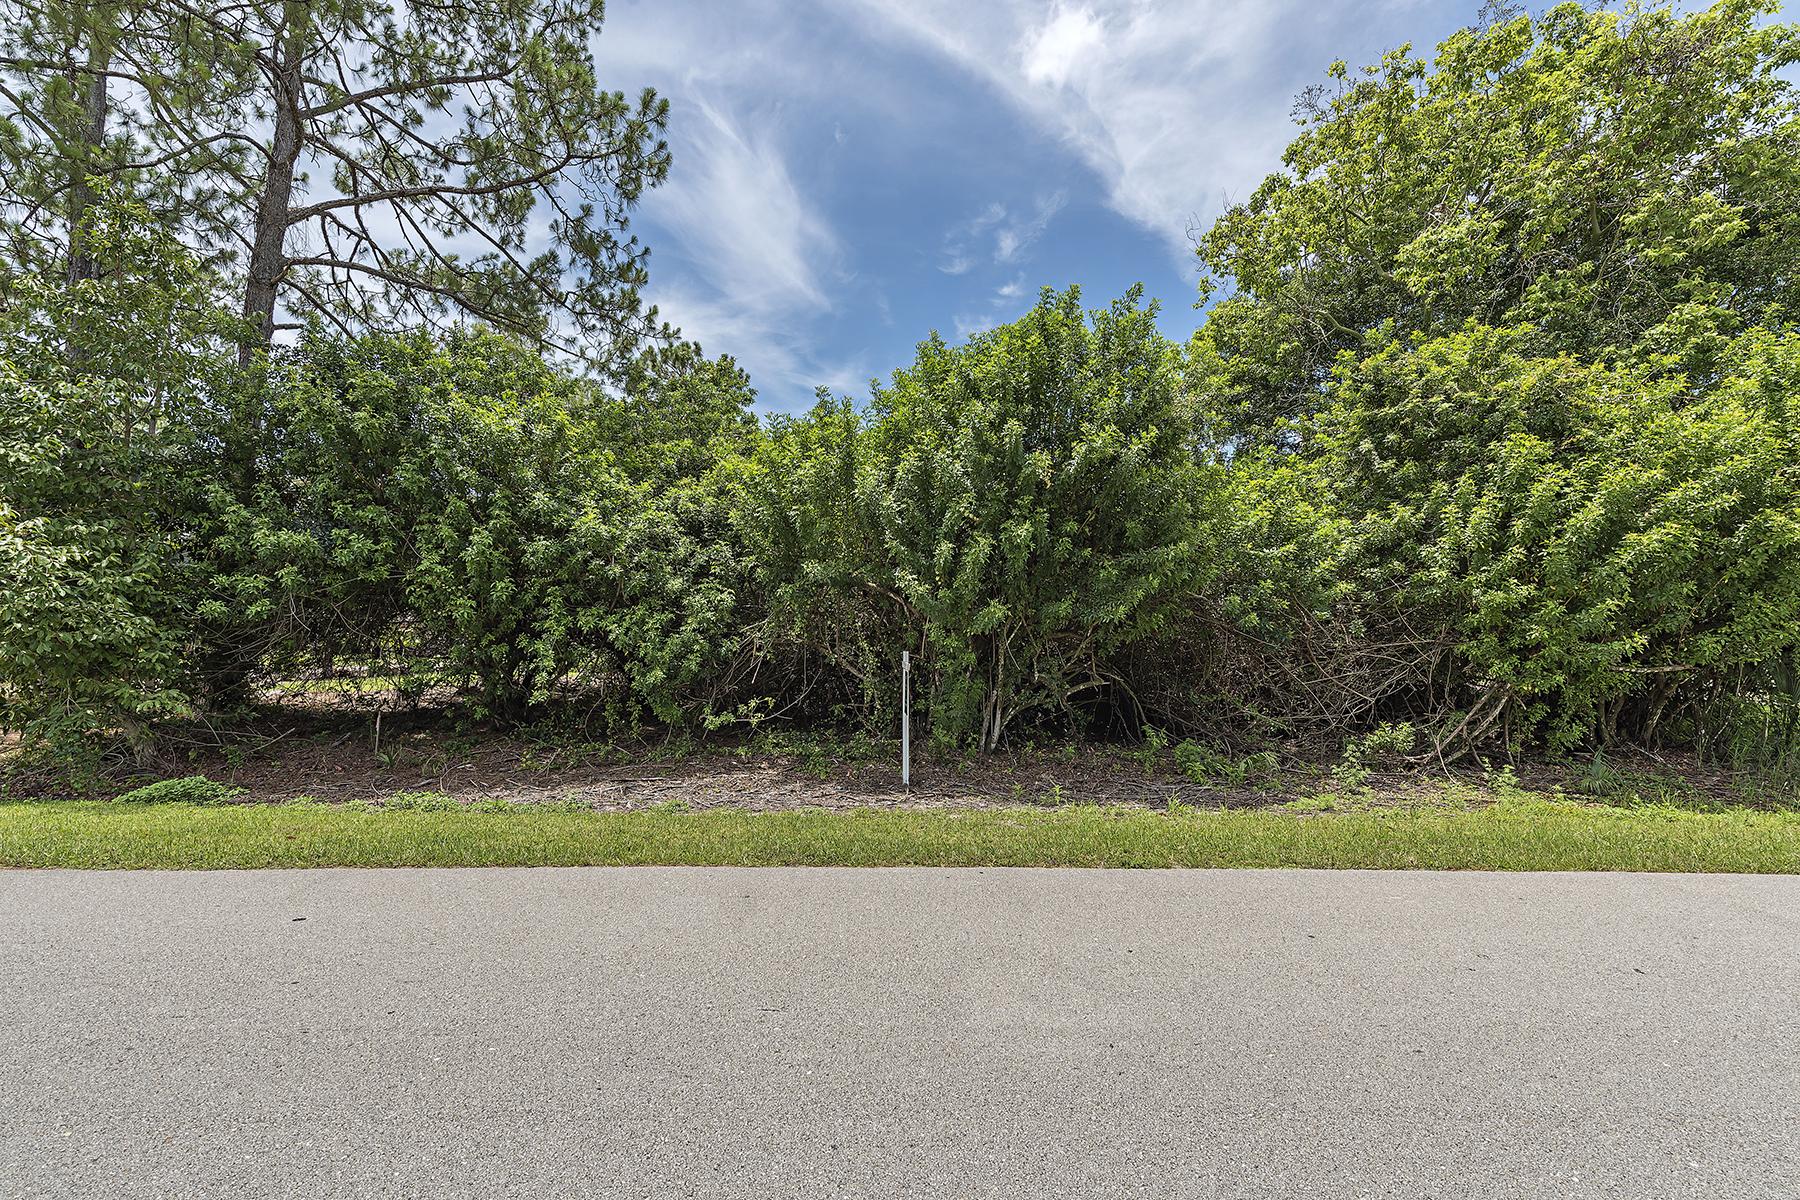 Terreno por un Venta en NAPLES - LOGAN WOODS 5384 Coral Wood Dr Naples, Florida, 34119 Estados Unidos